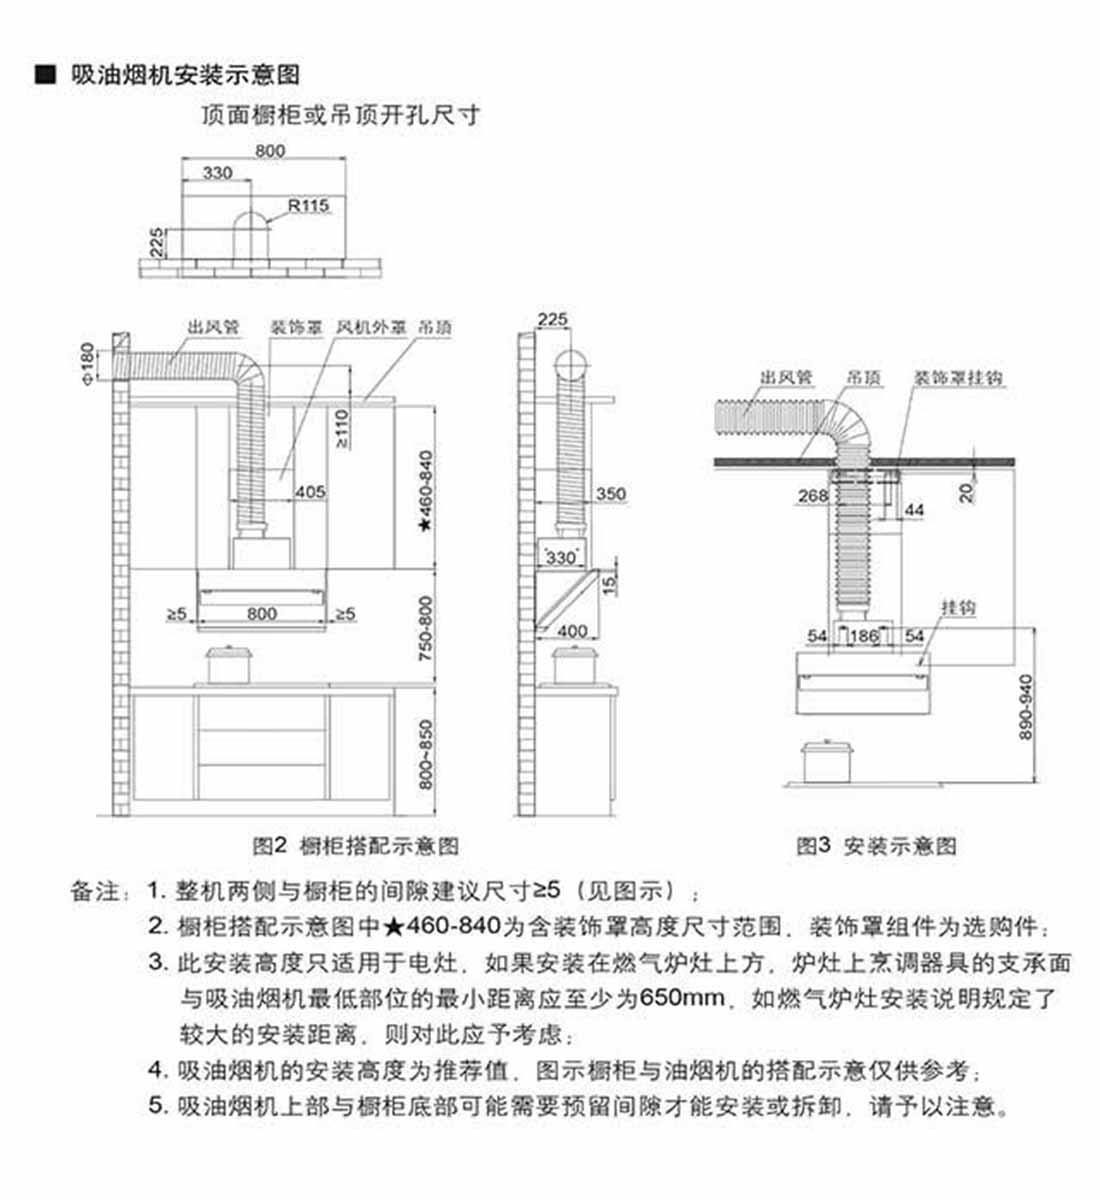 彩28彩票CXW-200-JQ29TS装置表示图